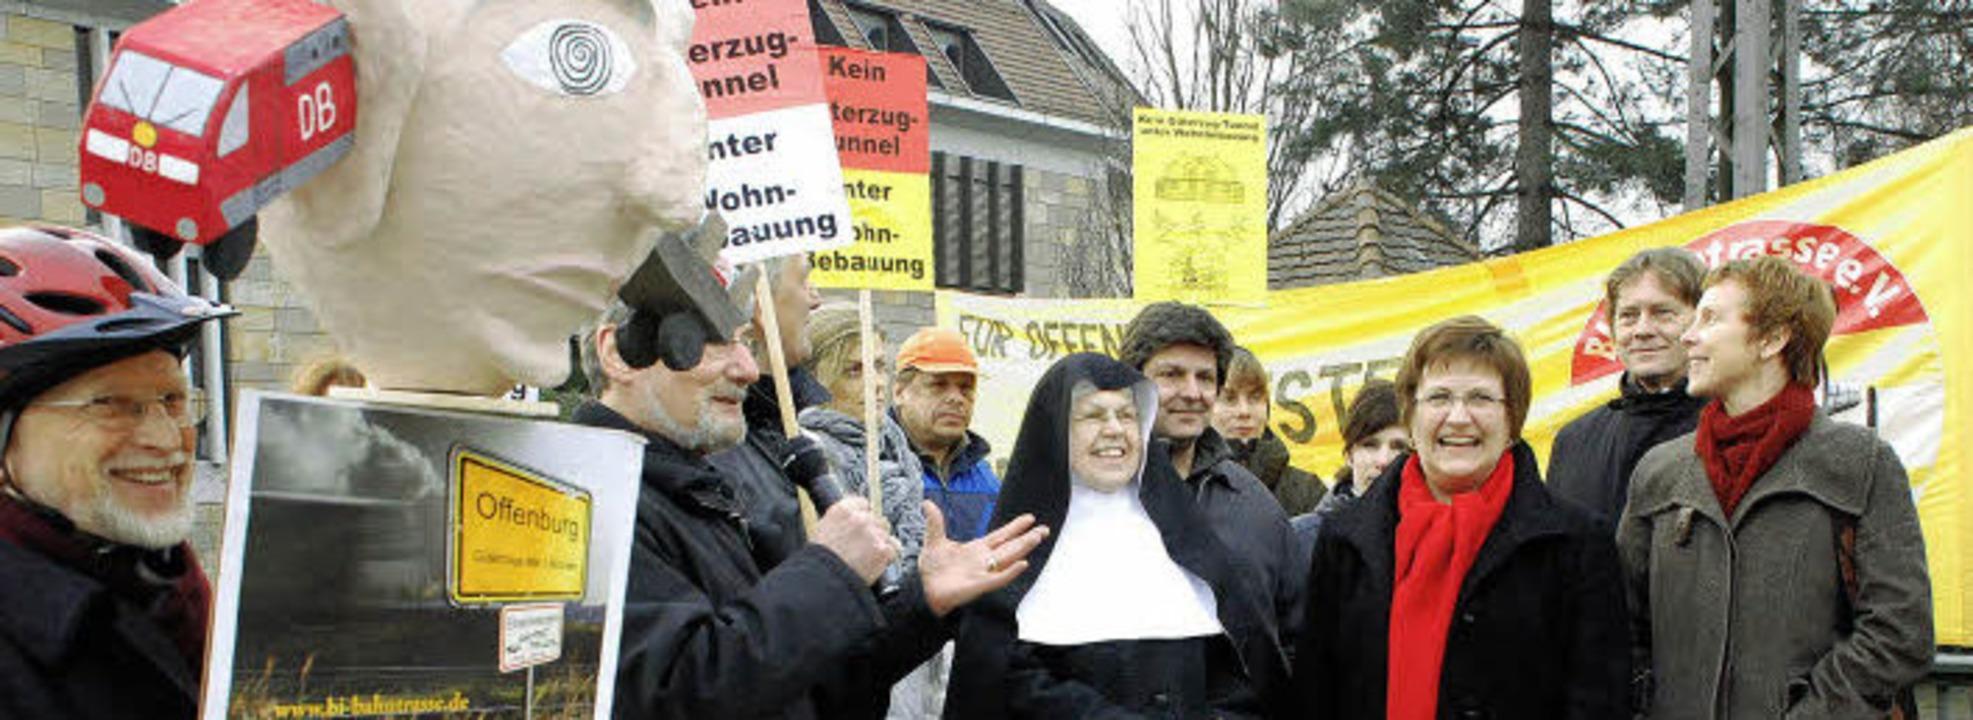 Vertreter der Linken sowie der Offenbu...d Interessengemeinschaft am Bahngraben    Foto: GES